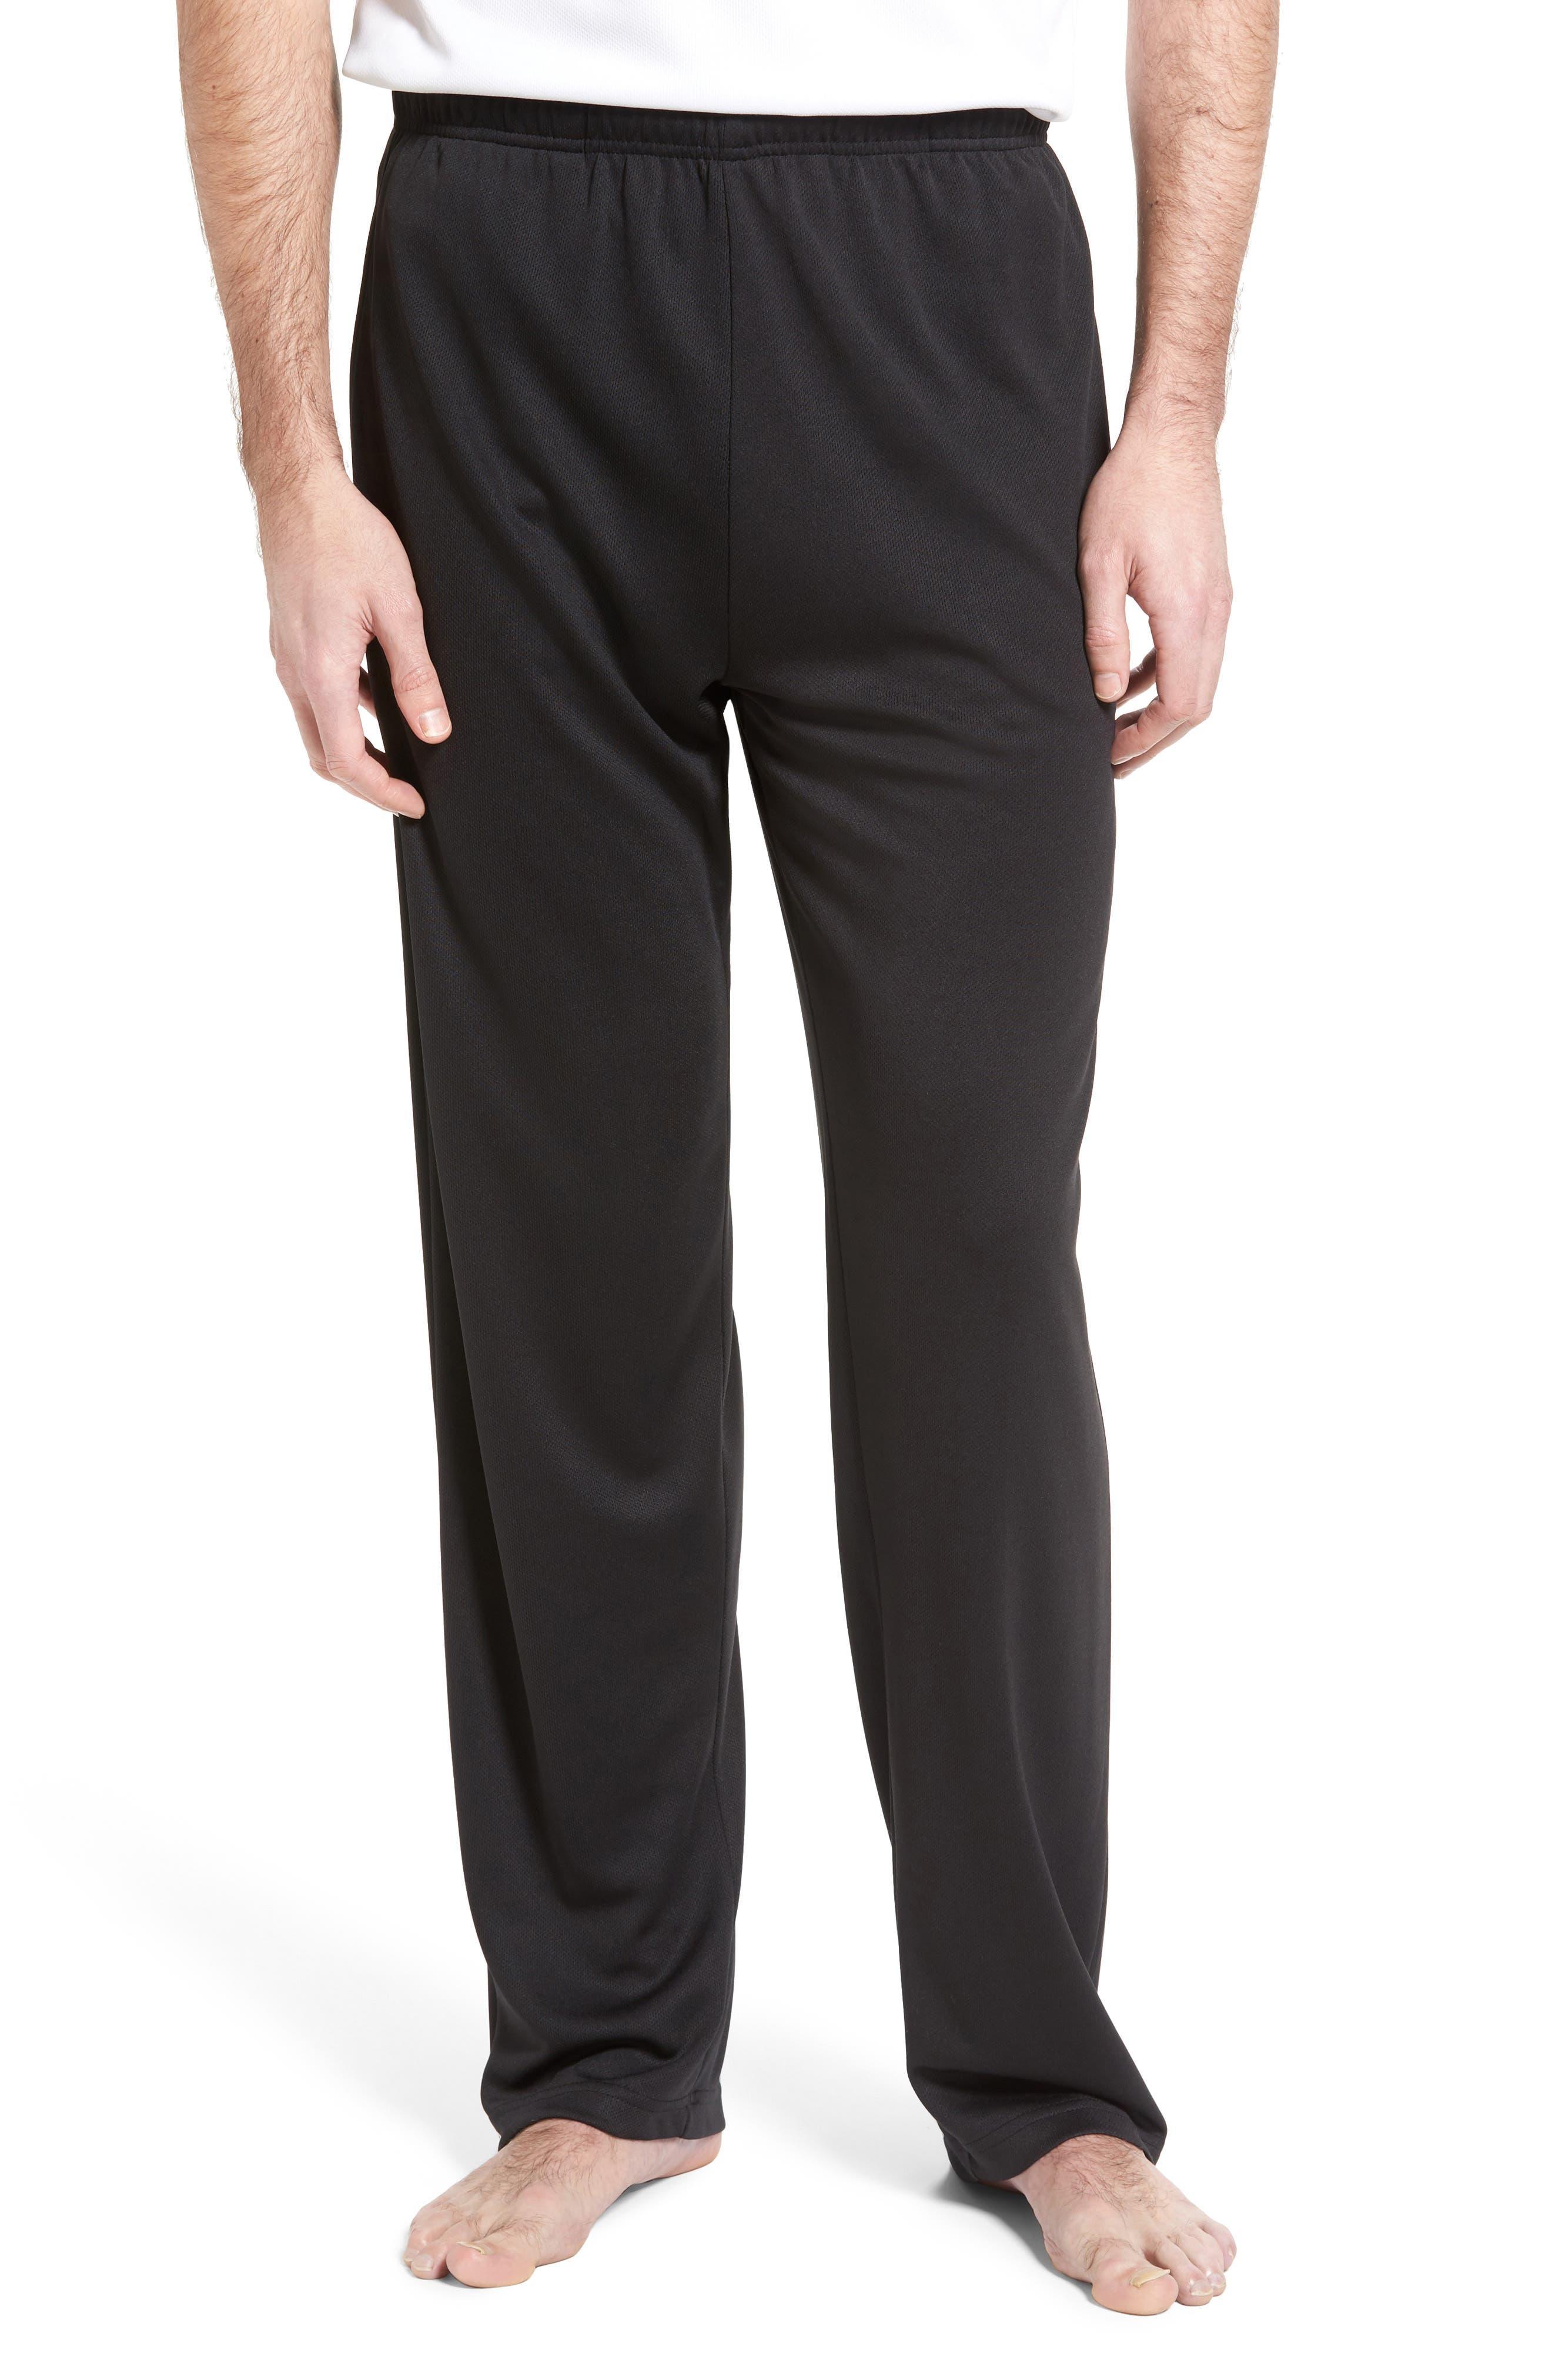 Majestic International Work Out Lounge Pants (Big & Tall)